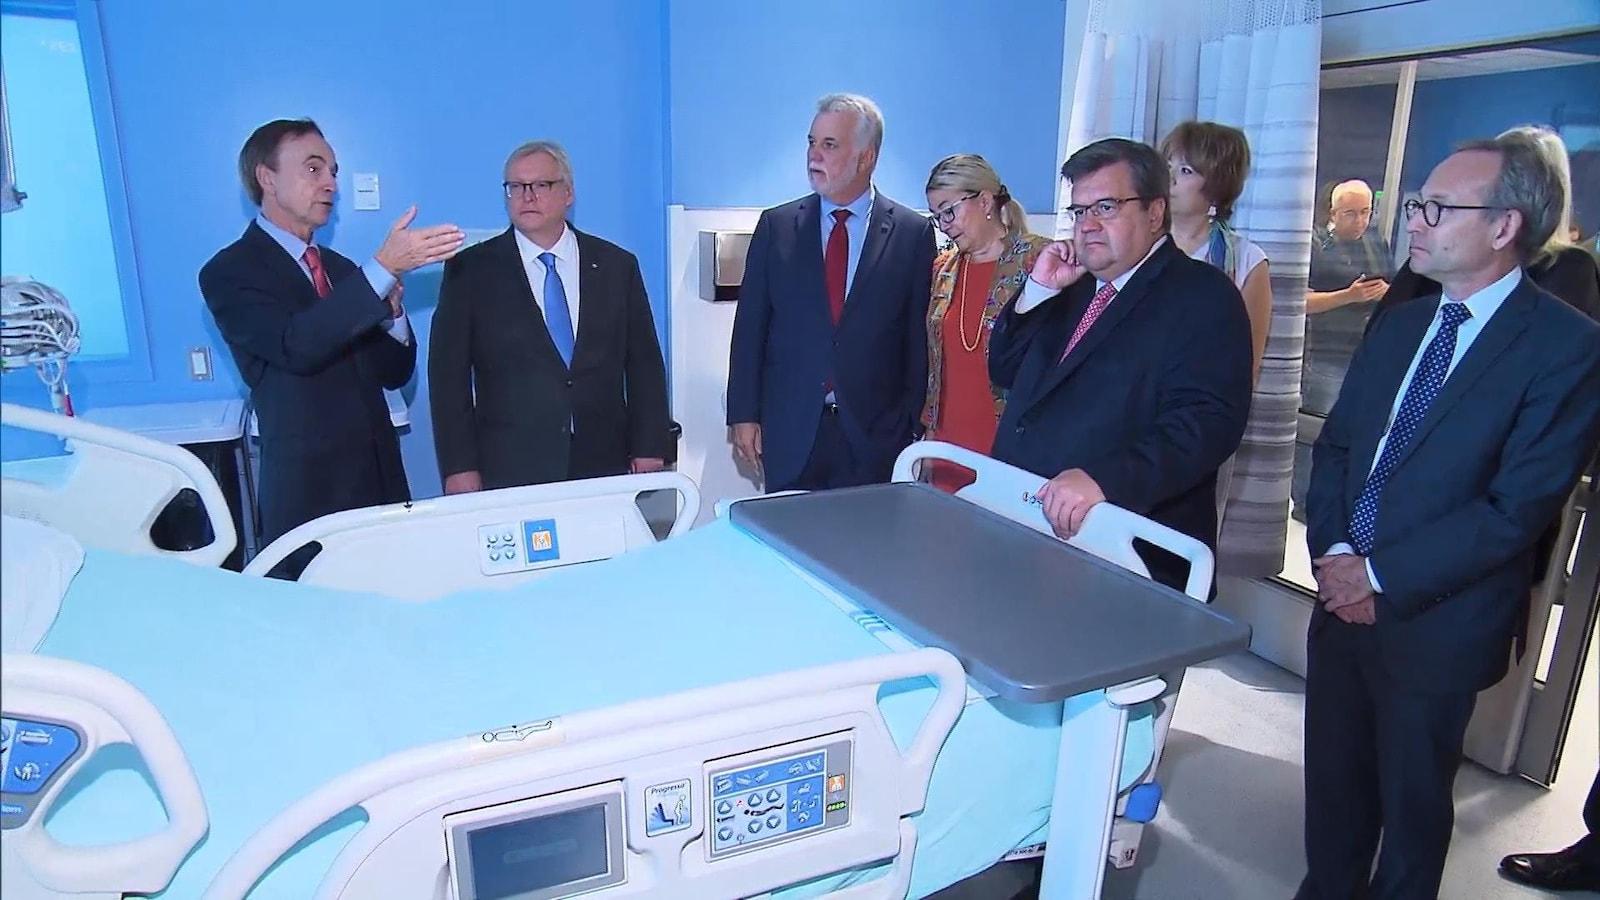 Le PDG du CHUM, Fabrice Brunet, le ministre Gaétan Barrette, le premier ministre Philippe Couillard, la ministre Hélène David, le maire de Montréal, Denis Coderre, et le ministre Martin Coiteux lors de la visite d'une chambre.